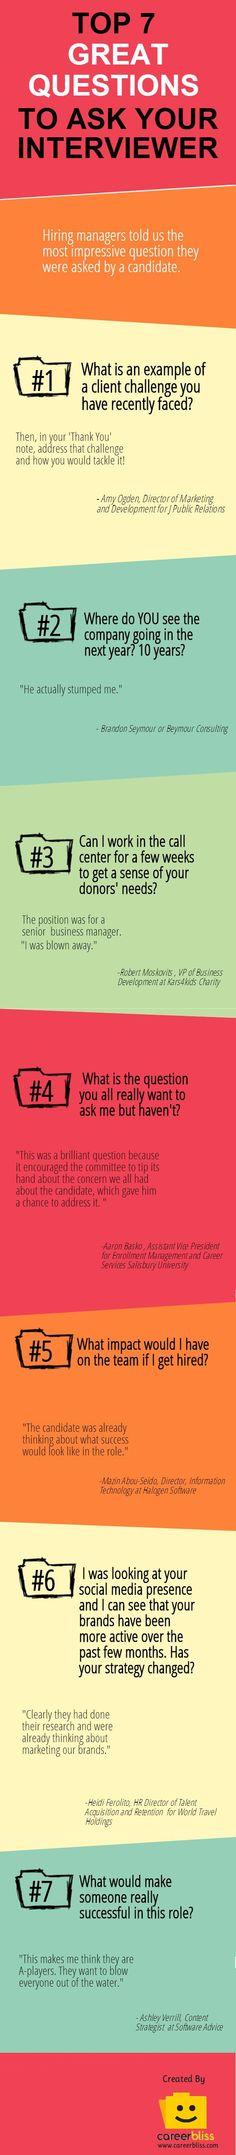 7 grandes preguntas que hacer en tu entrevista de trabajo #infografia #infographic #empleo